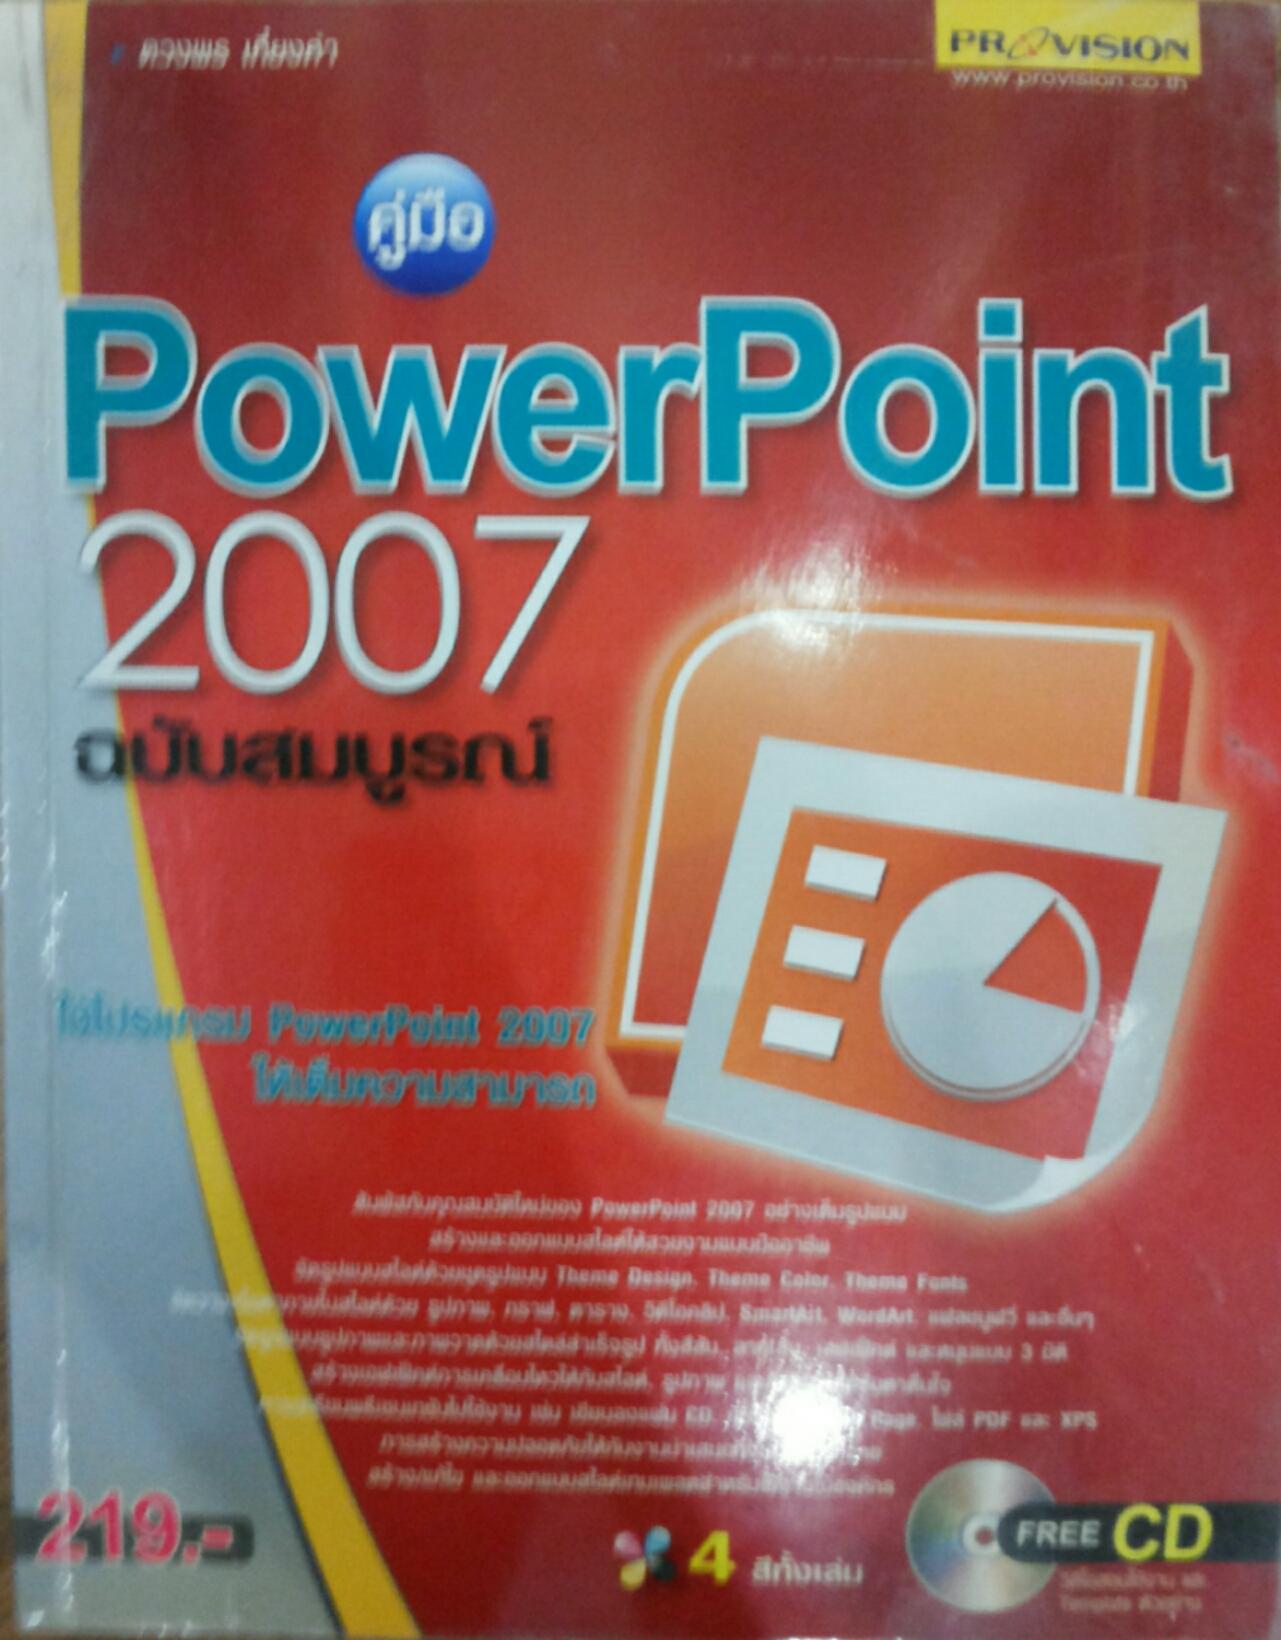 คู่มือ PowerPoint 2007 ฉบับสมบูรณ์